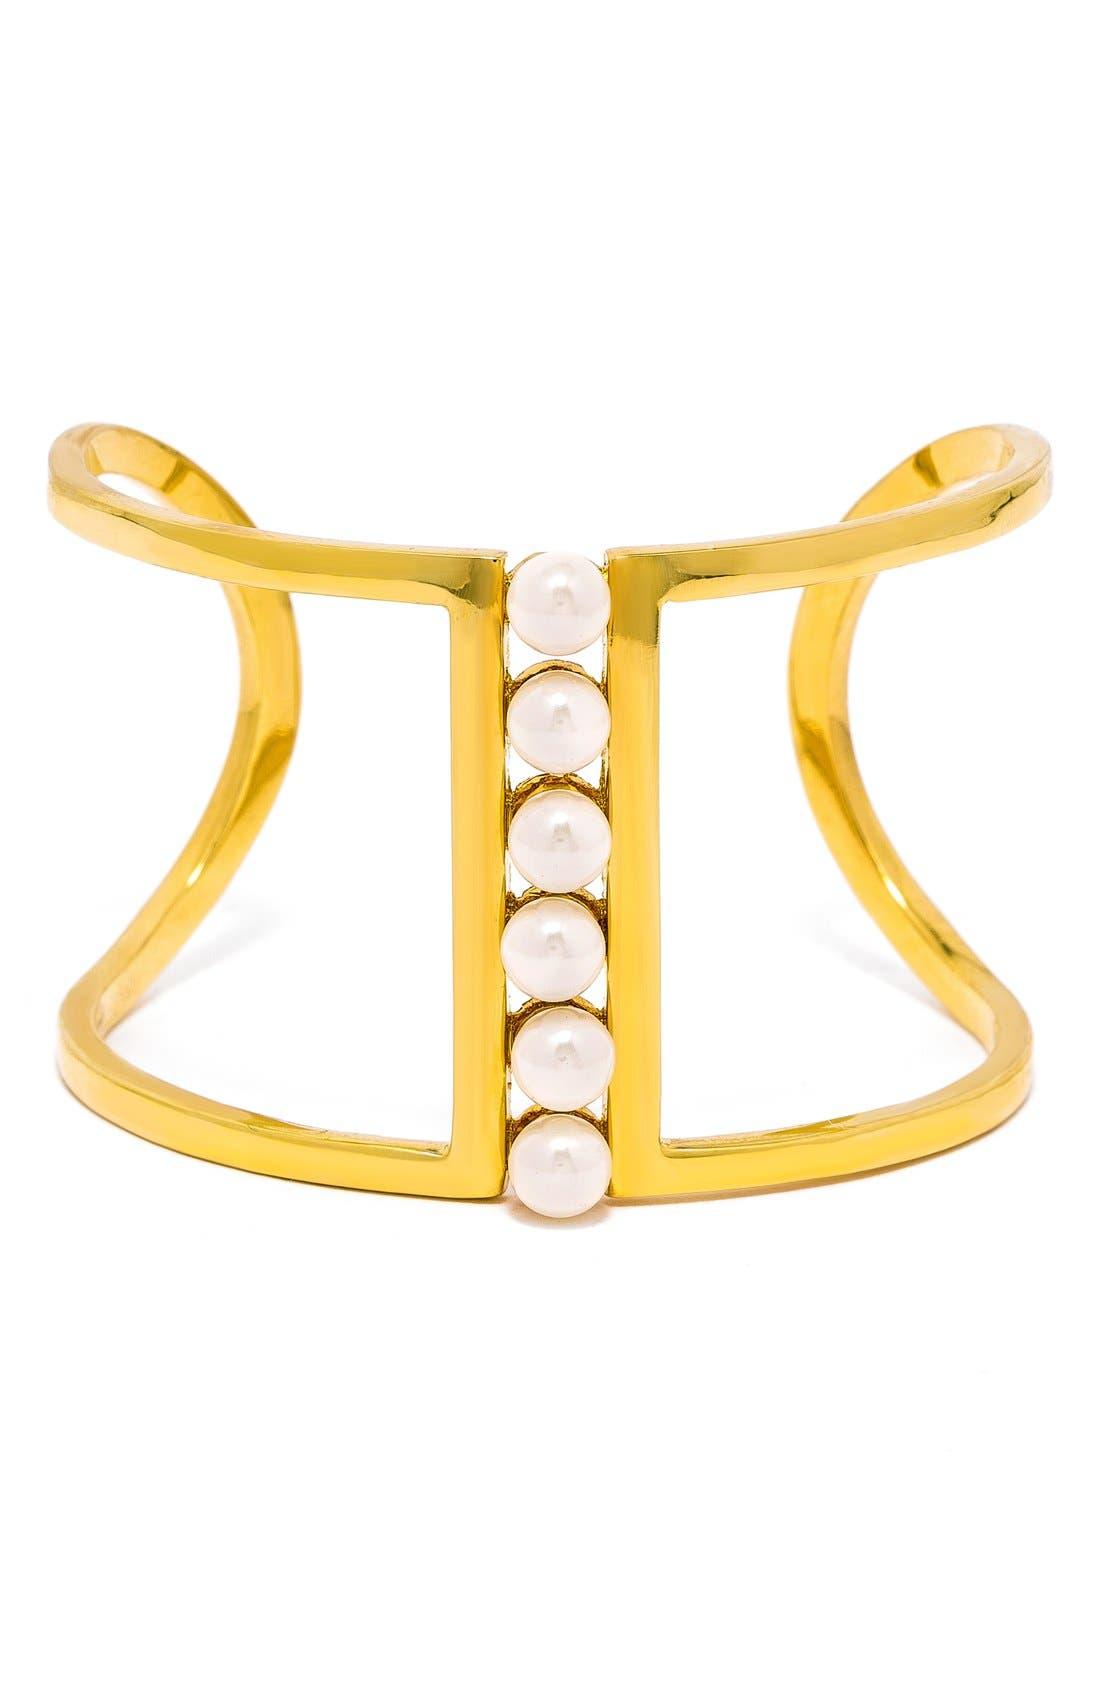 'Sextet' Cuff Bracelet,                             Main thumbnail 1, color,                             900